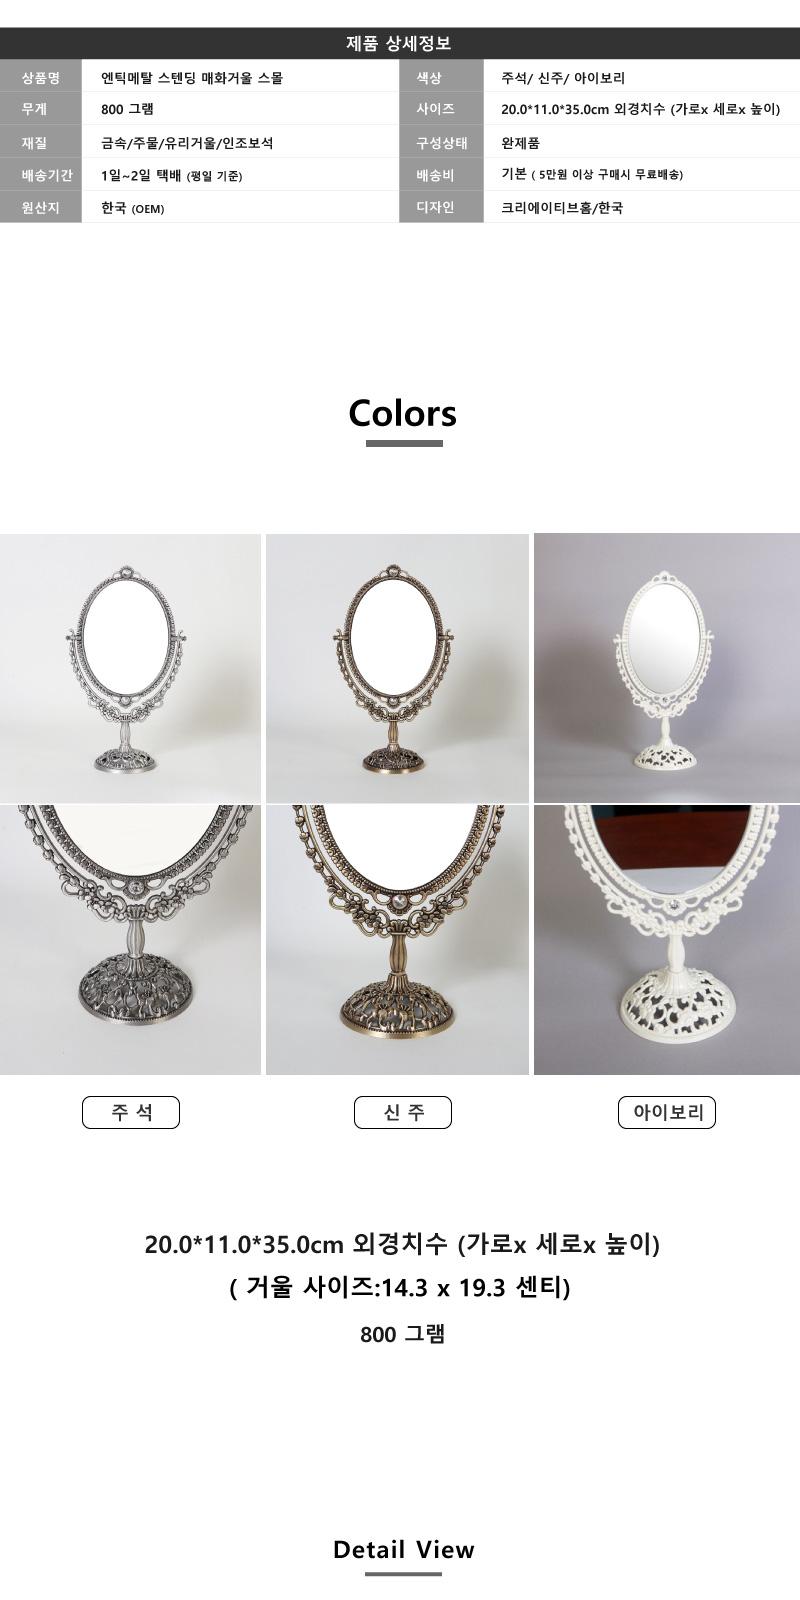 엔틱메탈 스텐딩 매화 화장거울 스몰-3색상 - 크레디스, 23,000원, 거울, 탁상거울